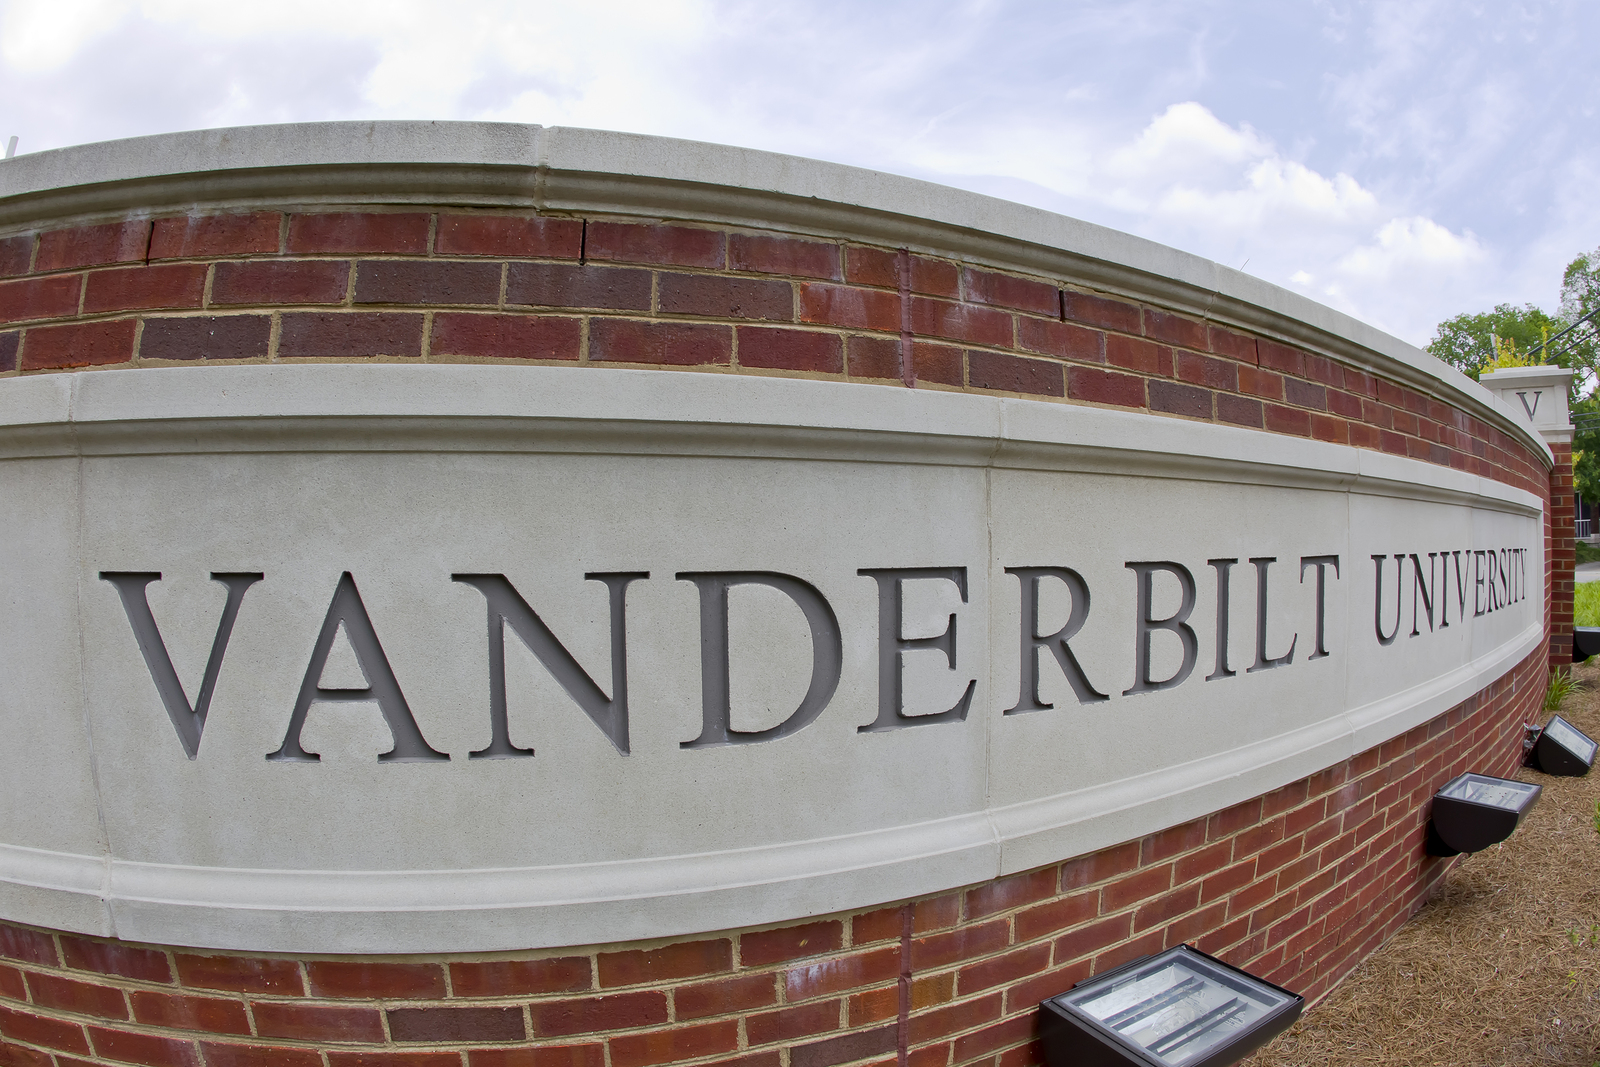 Vanderbilt-University-7926221.jpg